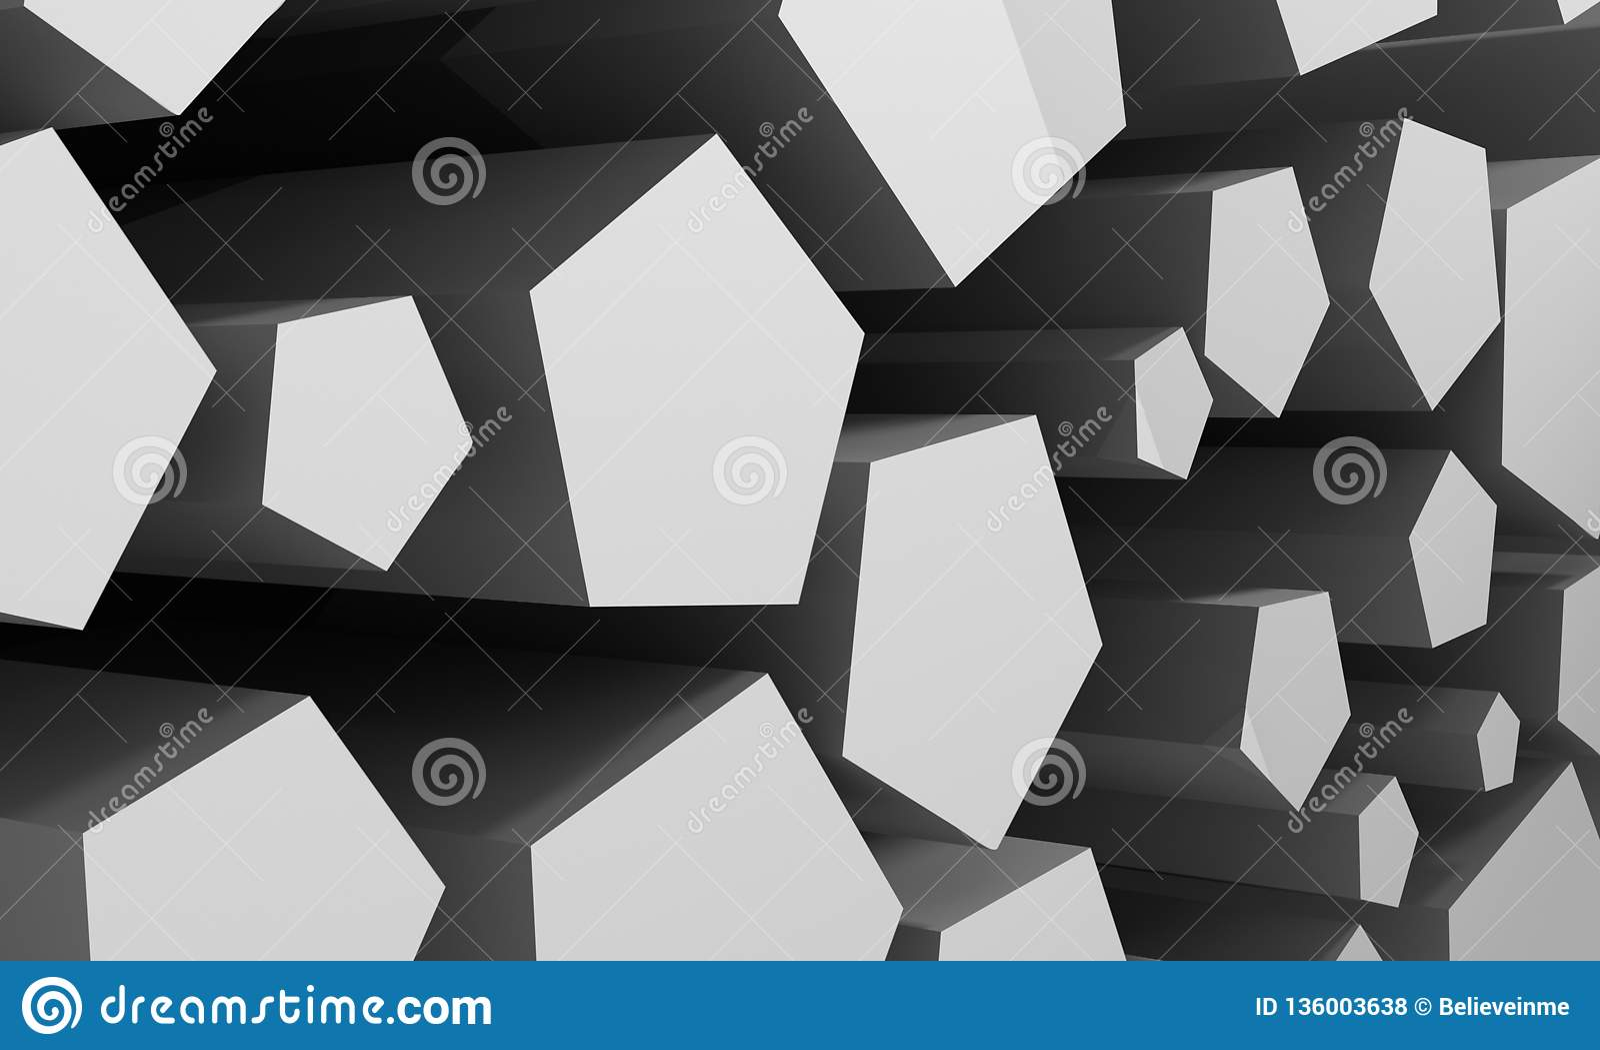 Abstrakt bakgrund som består av kubikhål av grå färg framförande 3d